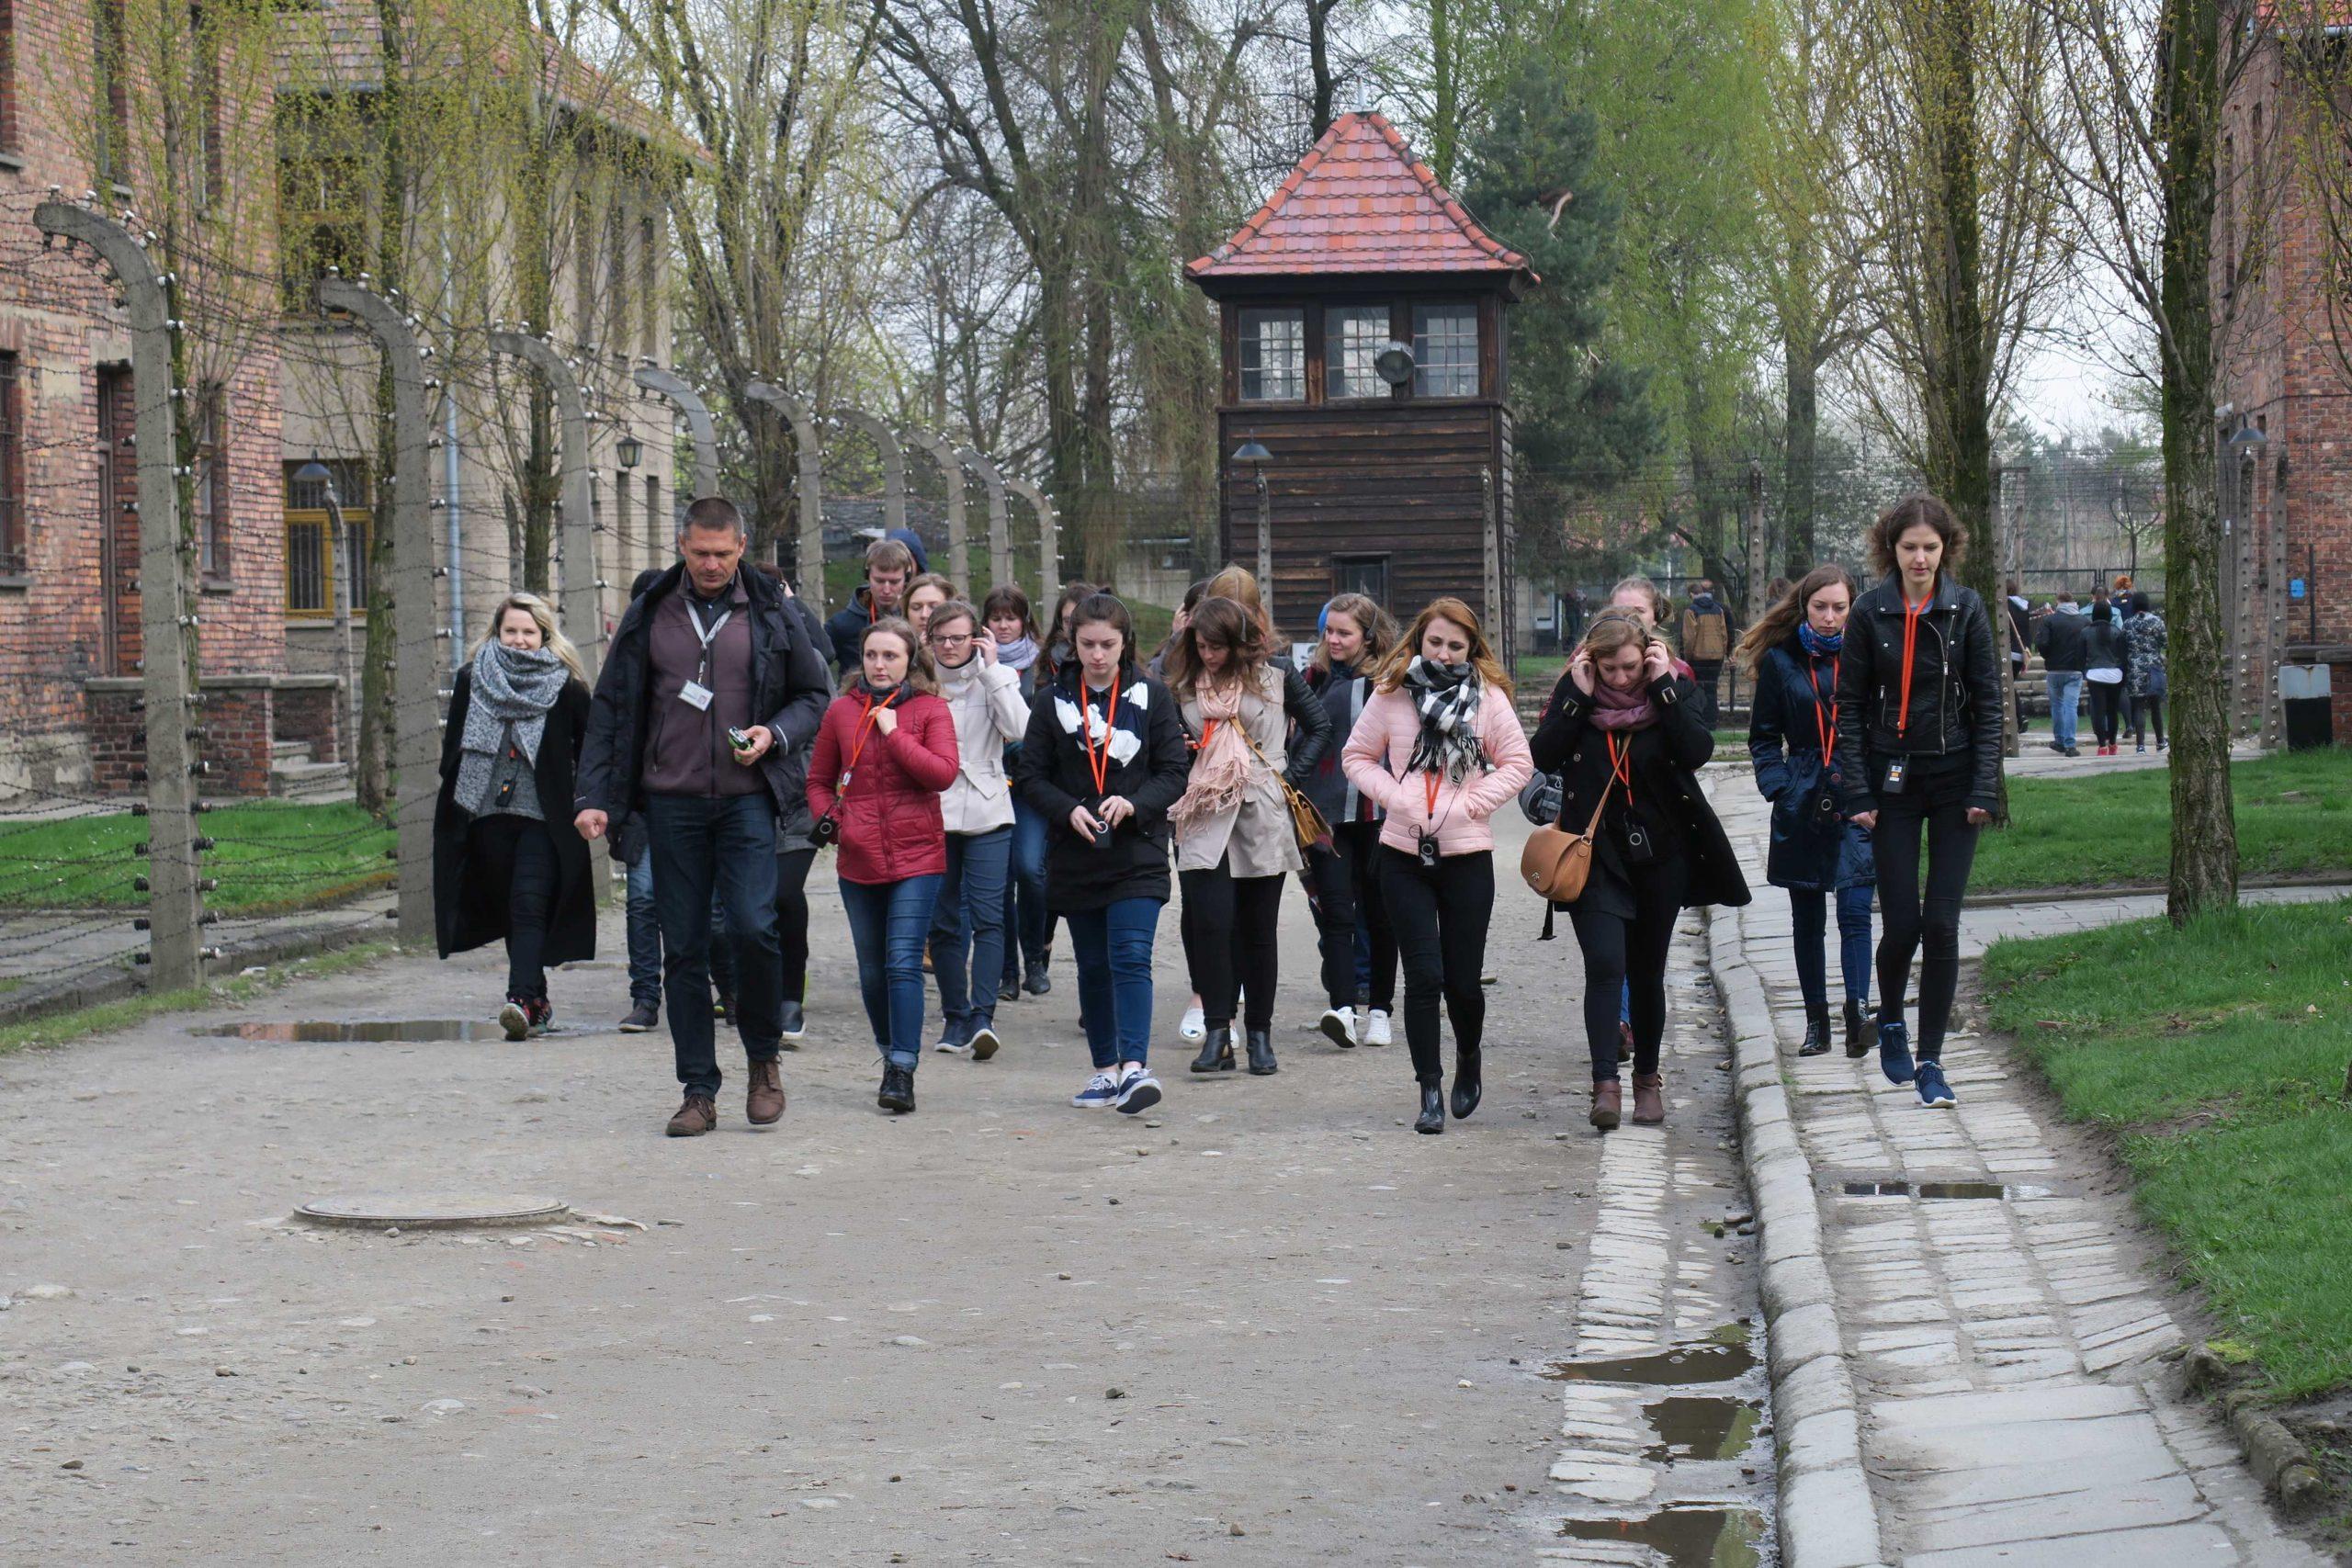 Grupa młodzieży zwiedzająca Miejsce Pamięci Auschwitz-Birkenau z przewodnikiem.